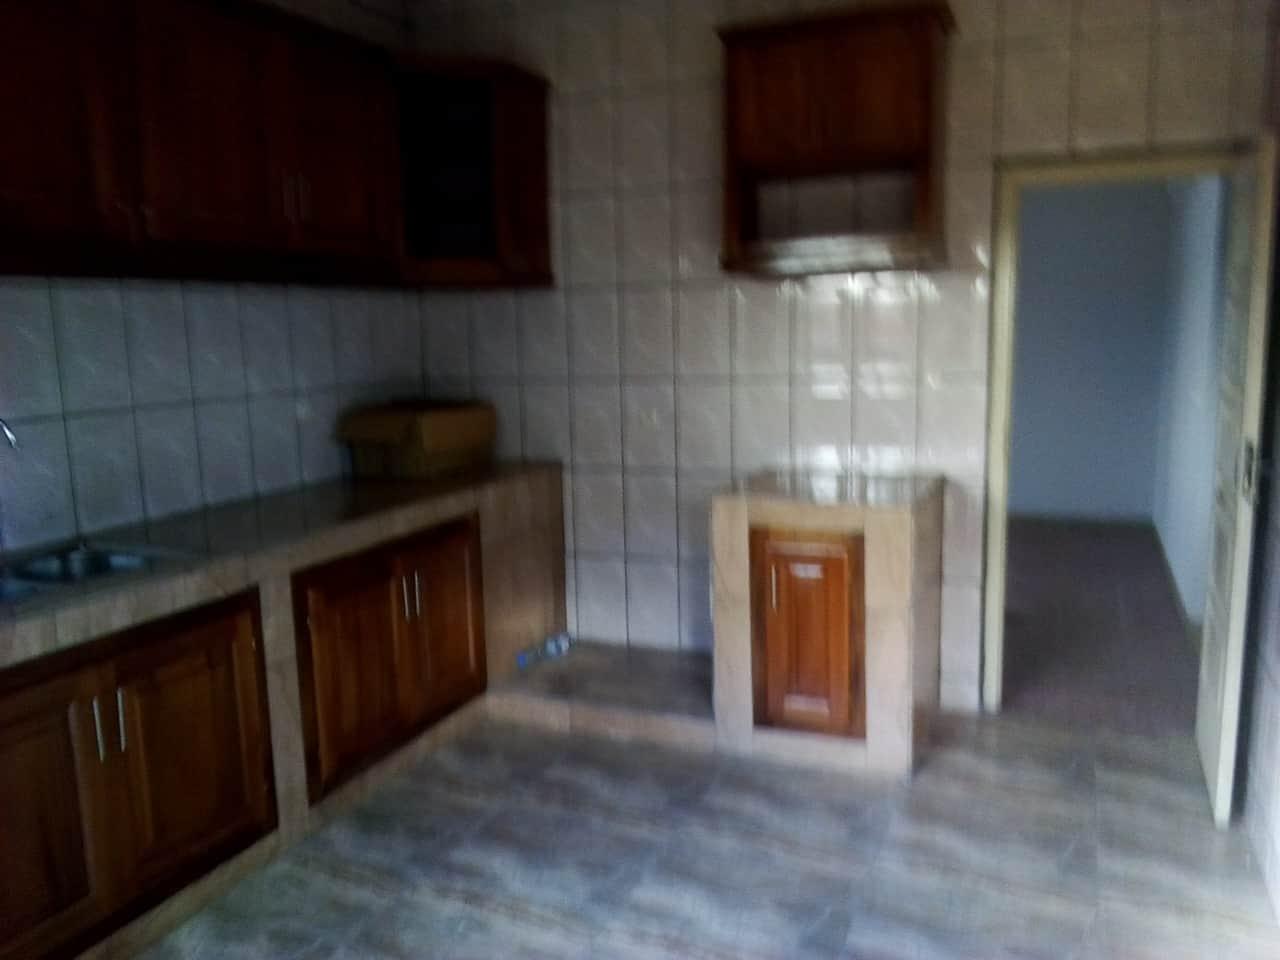 Office to rent at Yaoundé, Bastos, pas loin de la banque mondiale - 1500 m2 - 1 500 000 FCFA